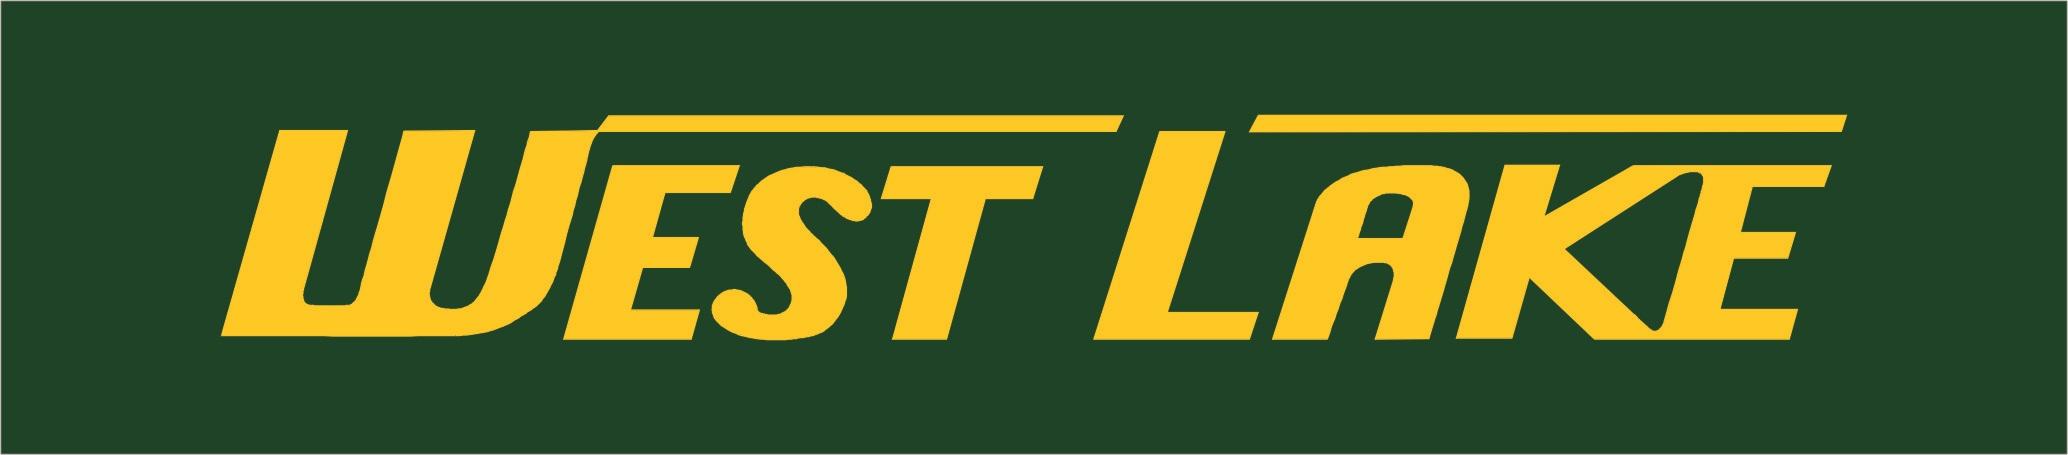 West-Lake-real-logo.jpg